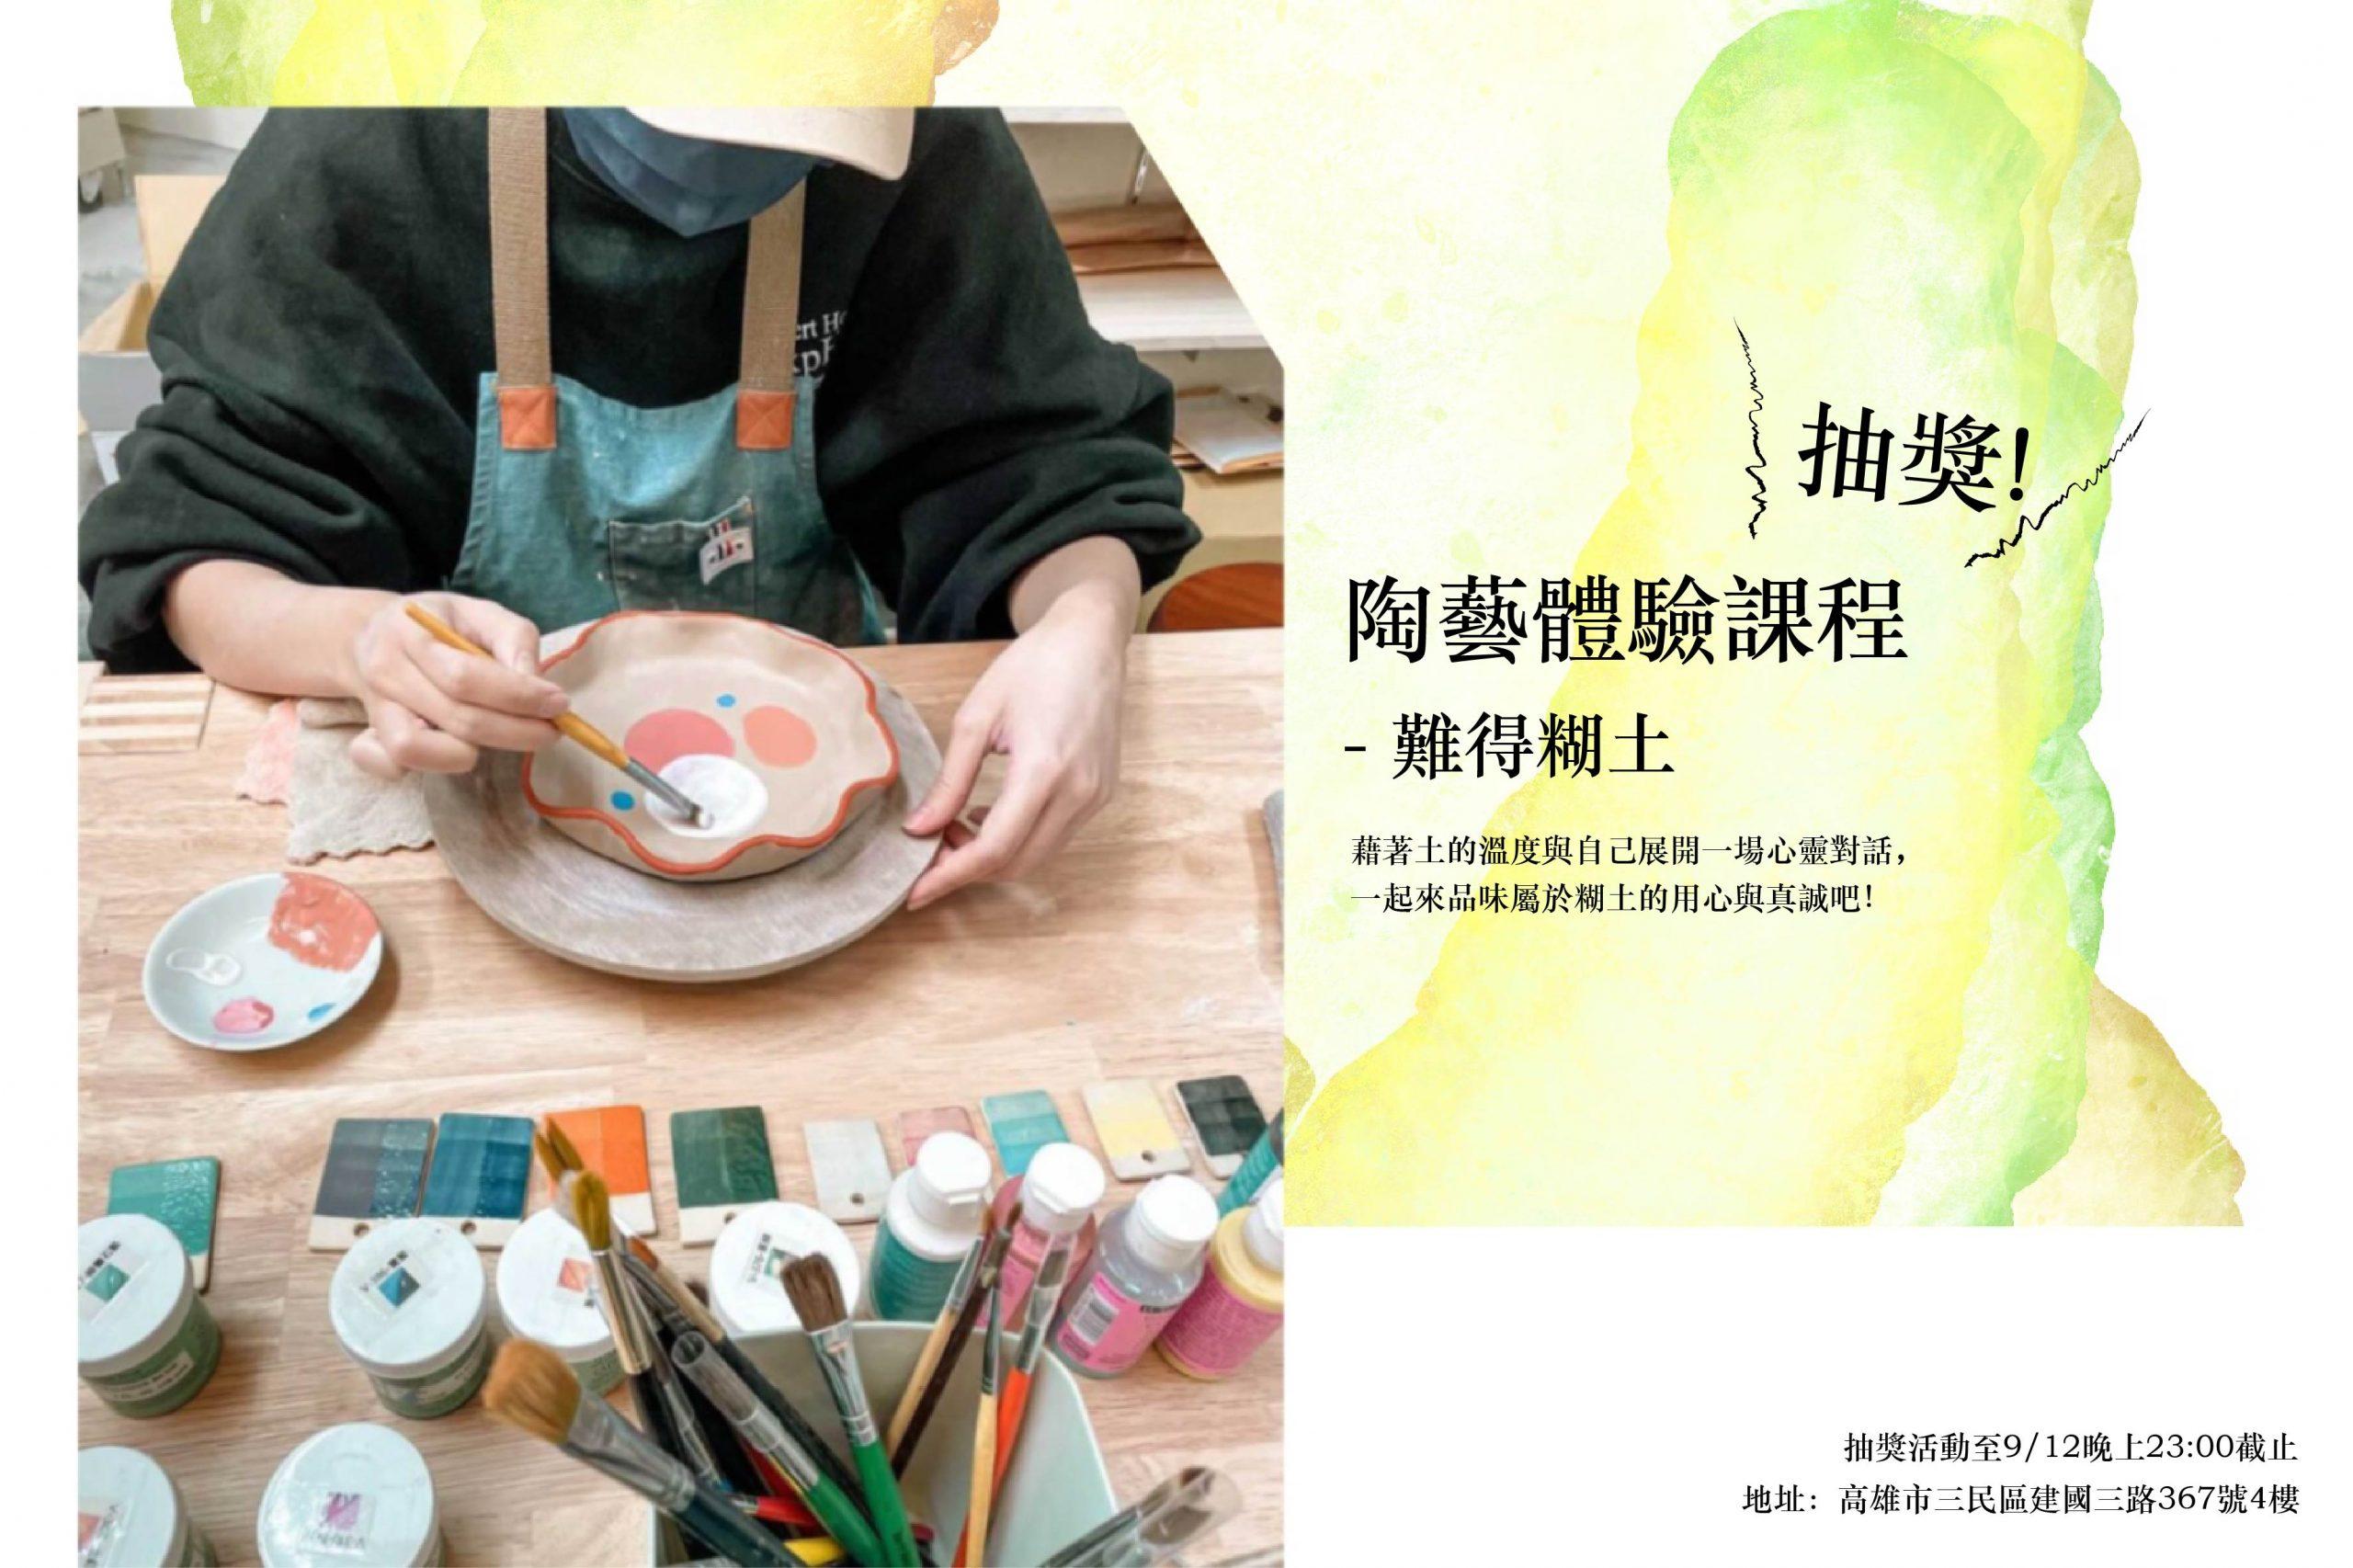 【體驗】Clayndat 難得糊土 – 陶藝體驗課程來啦!